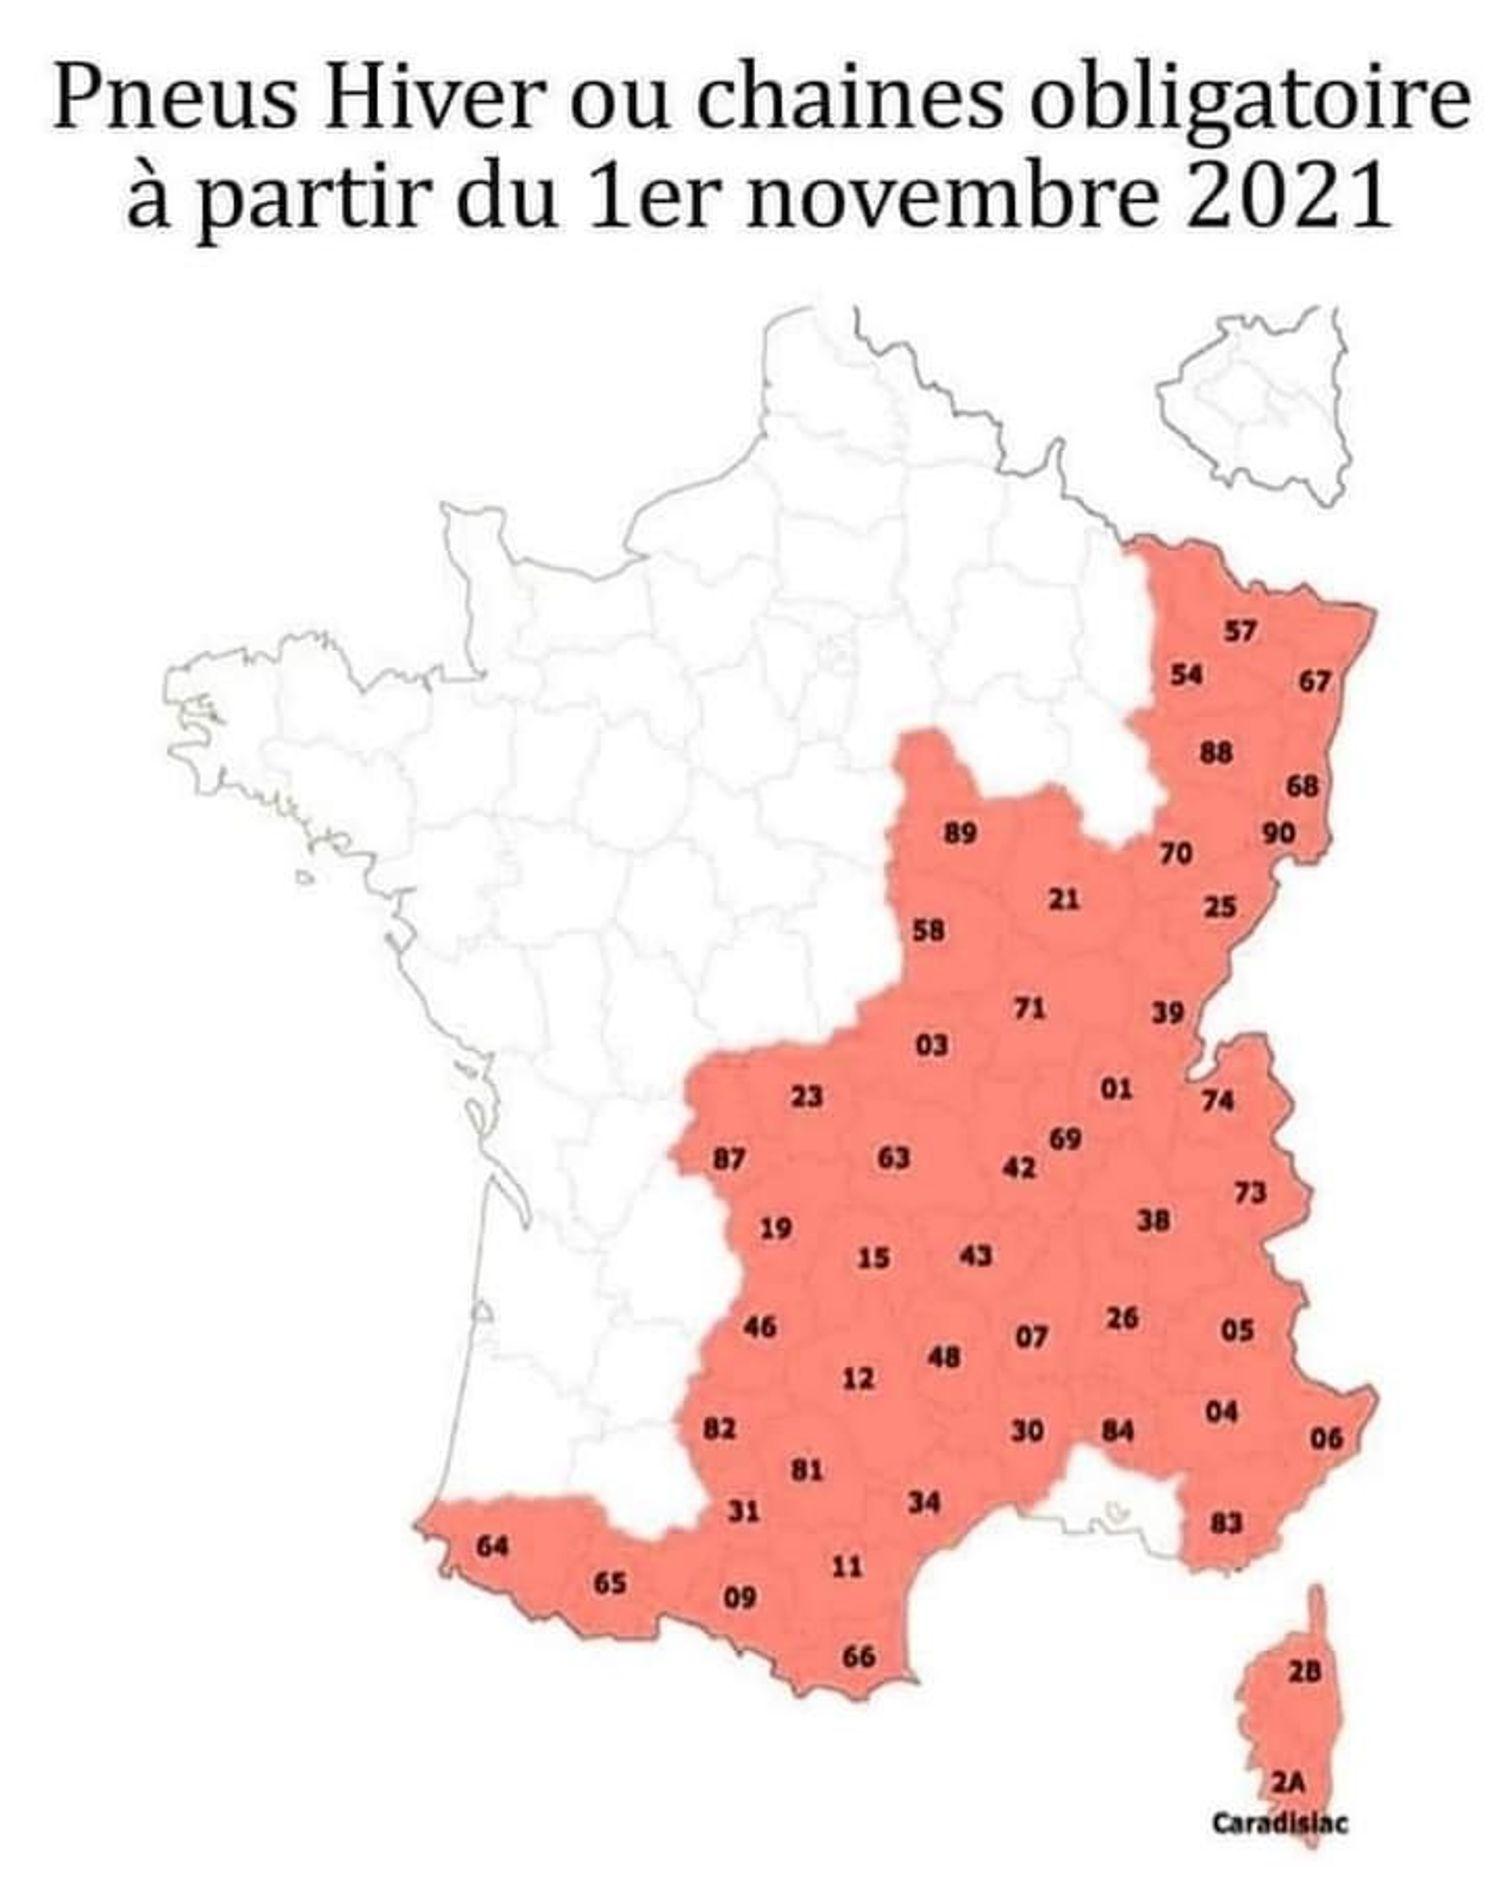 [ ALERTE INFO-SOCIETE ] Les pneus neige sont obligatoires à partir du 1er novembre 2021